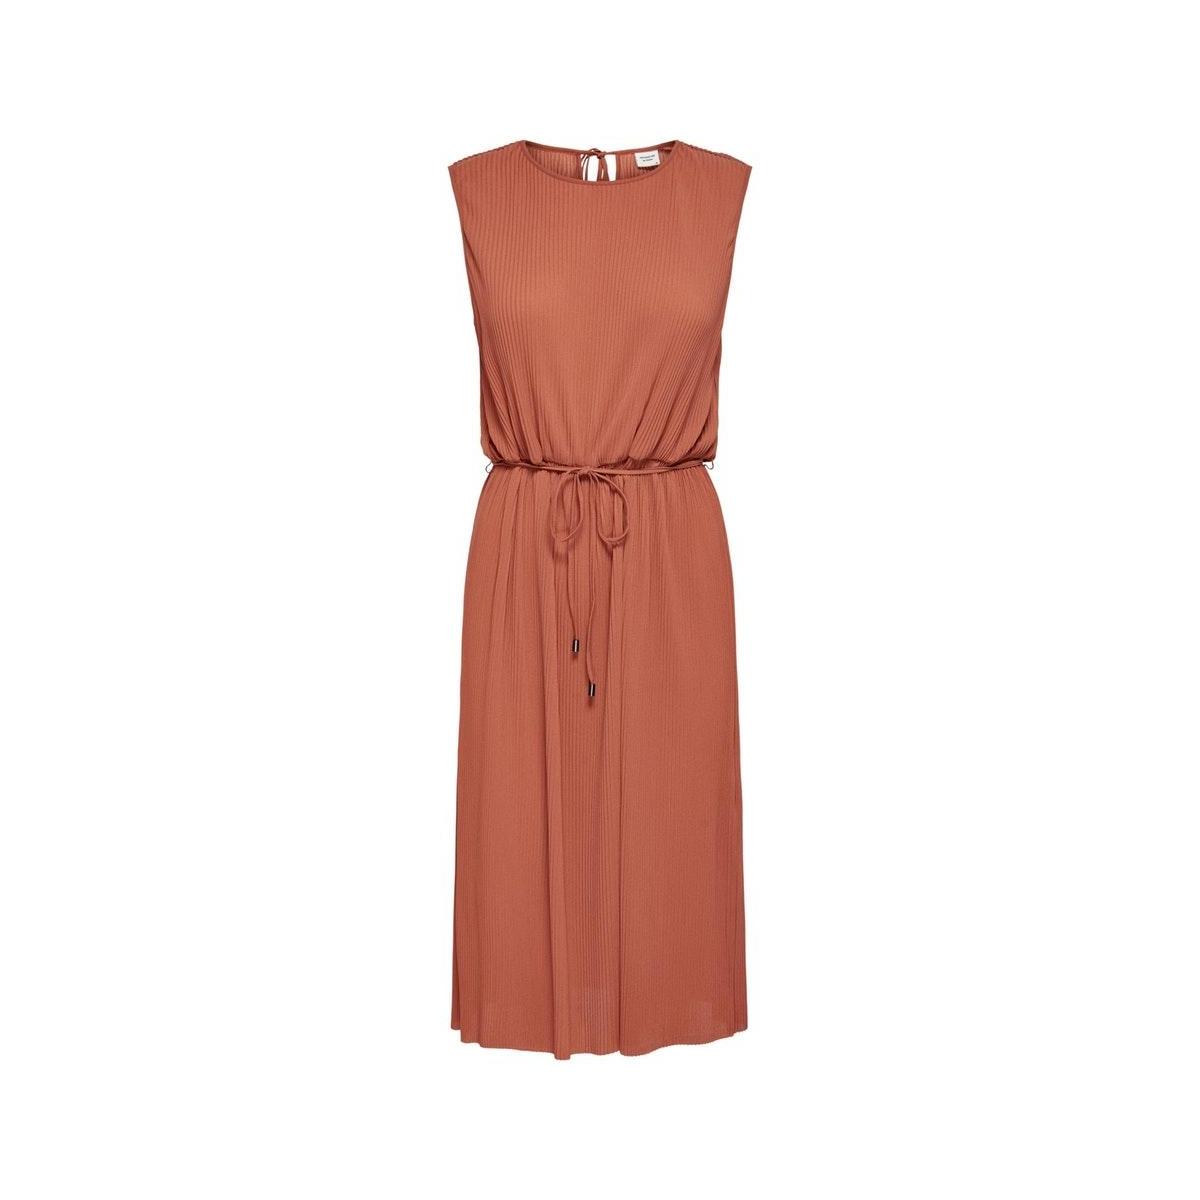 jdymatunna s/l dress jrs 15204896 jacqueline de yong jurk bruschetta/end stoppe